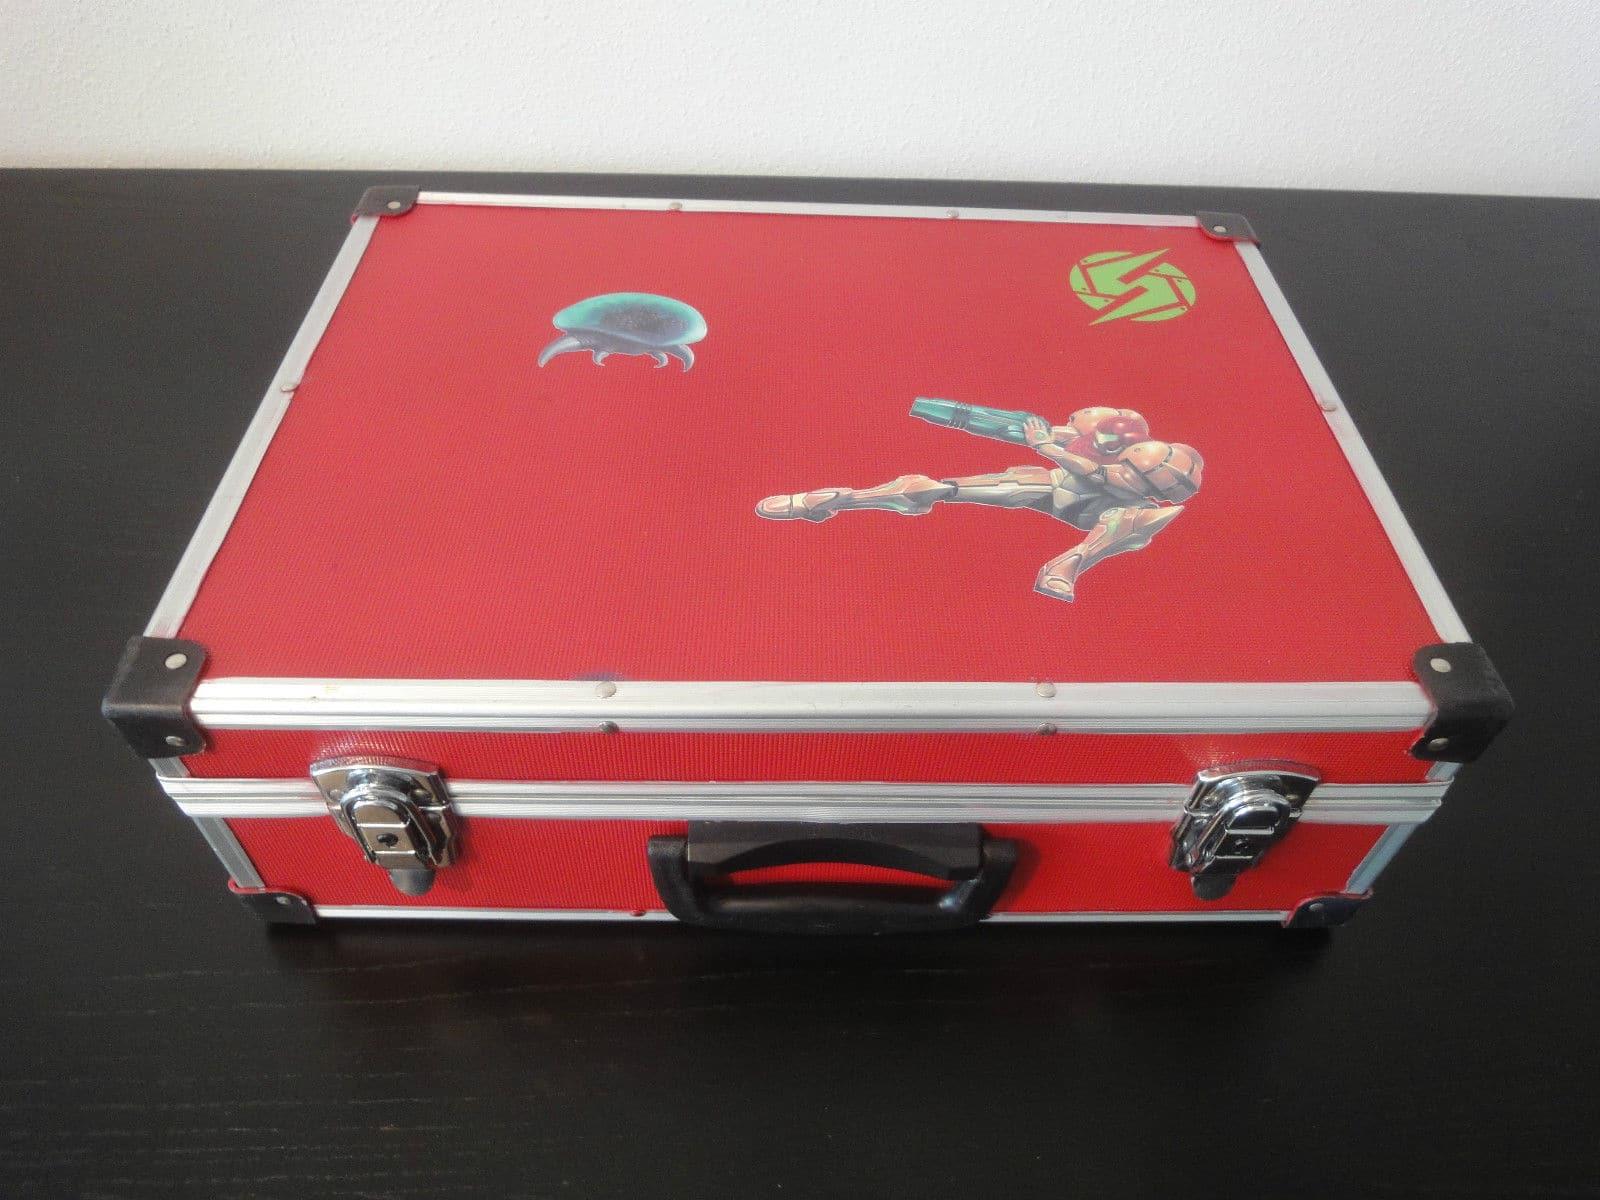 Den Koffer bekommt ihr dazu. (Foto: Akira)